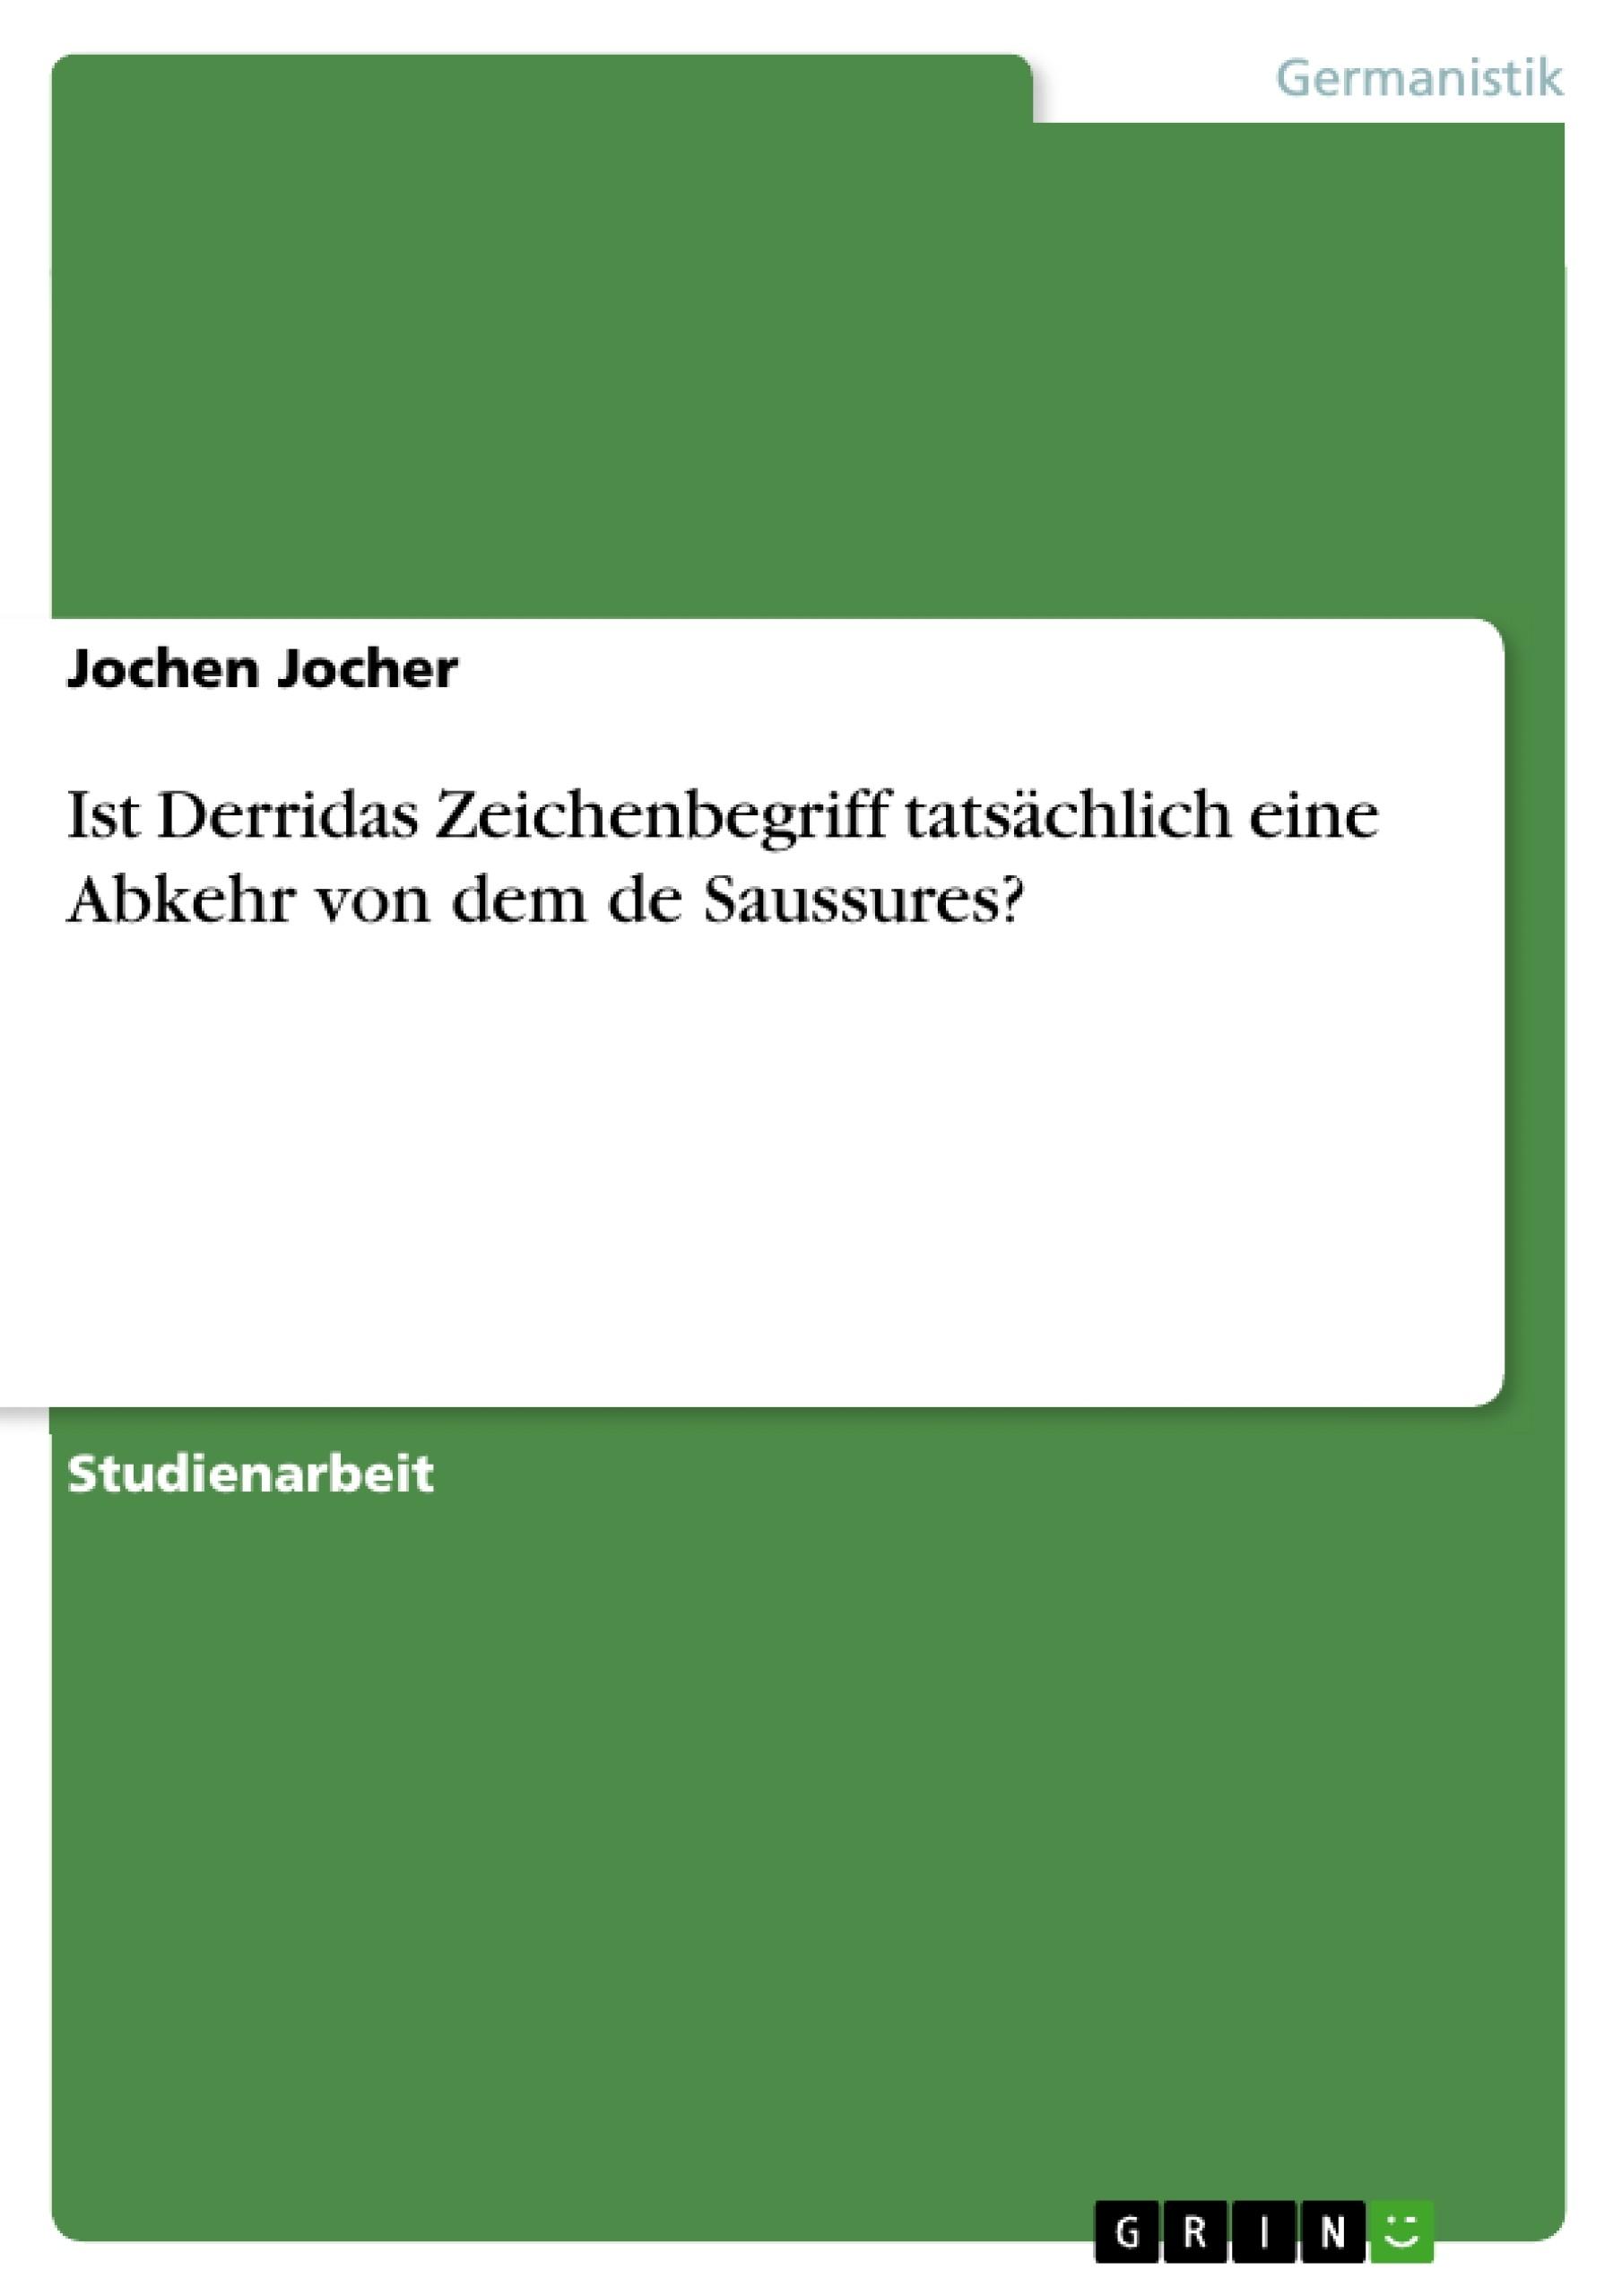 Titel: Ist Derridas Zeichenbegriff tatsächlich eine Abkehr von dem de Saussures?